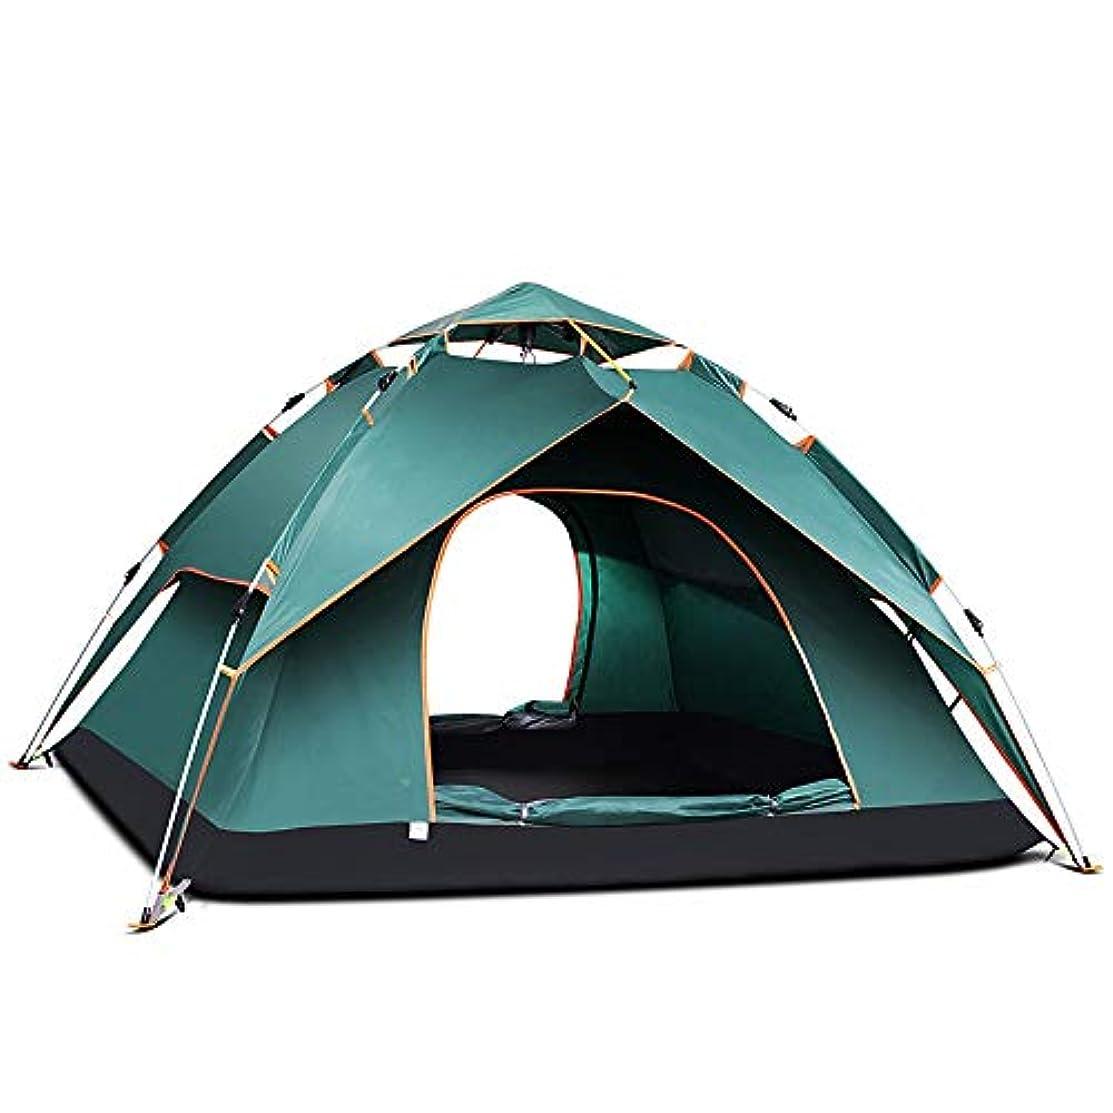 コントロール静かに薬Ostulla 5?6人10?10フィートの屋外用ドームファミリーキャンプ用テント100%防水2500 mm、組み立てが簡単、耐久性のある布地全域ビーチ、屋外、旅行、ハイキングに最適 気配りの行き届いたサービス (Color : Natural)